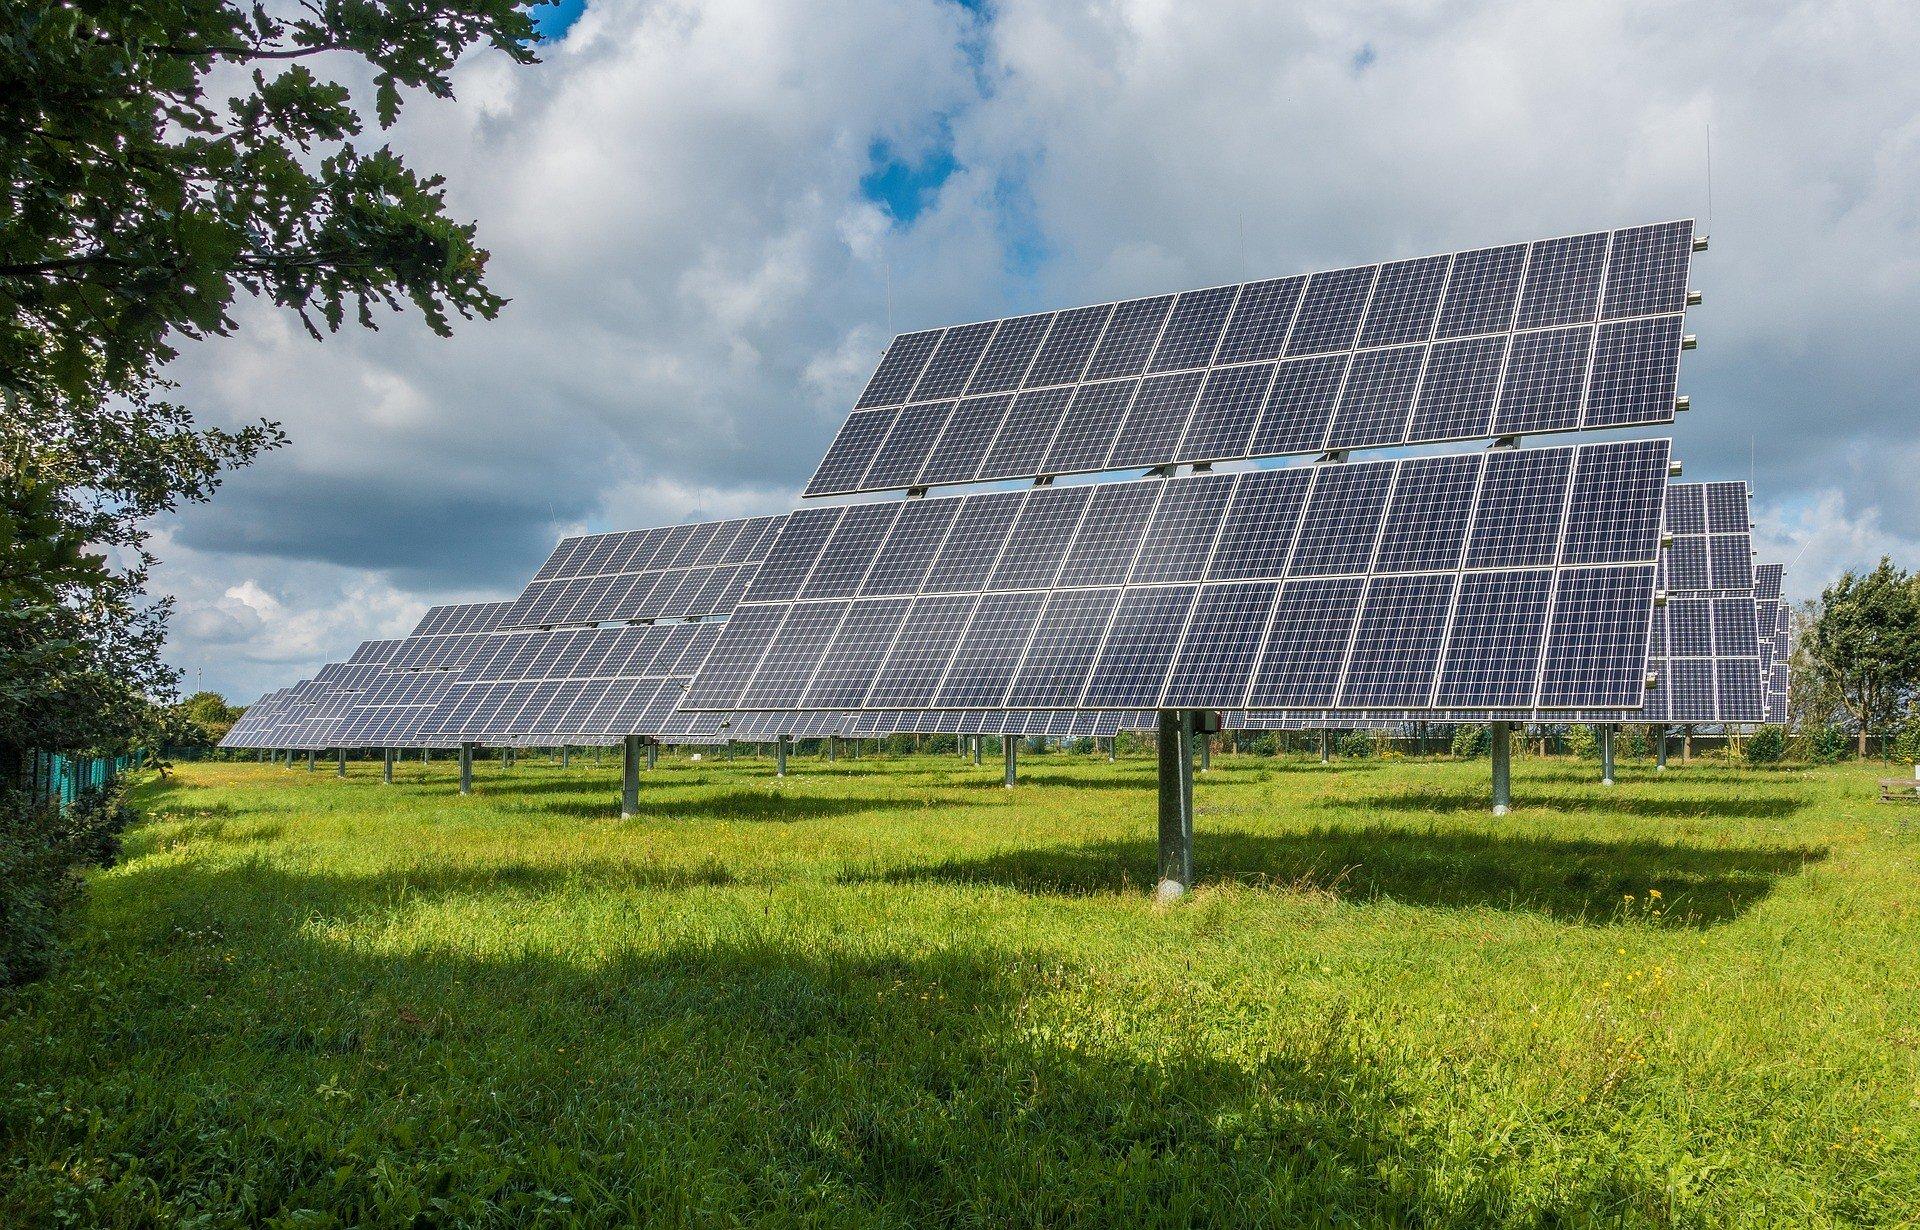 Возобновляемая энергетика столкнулась с трудностями